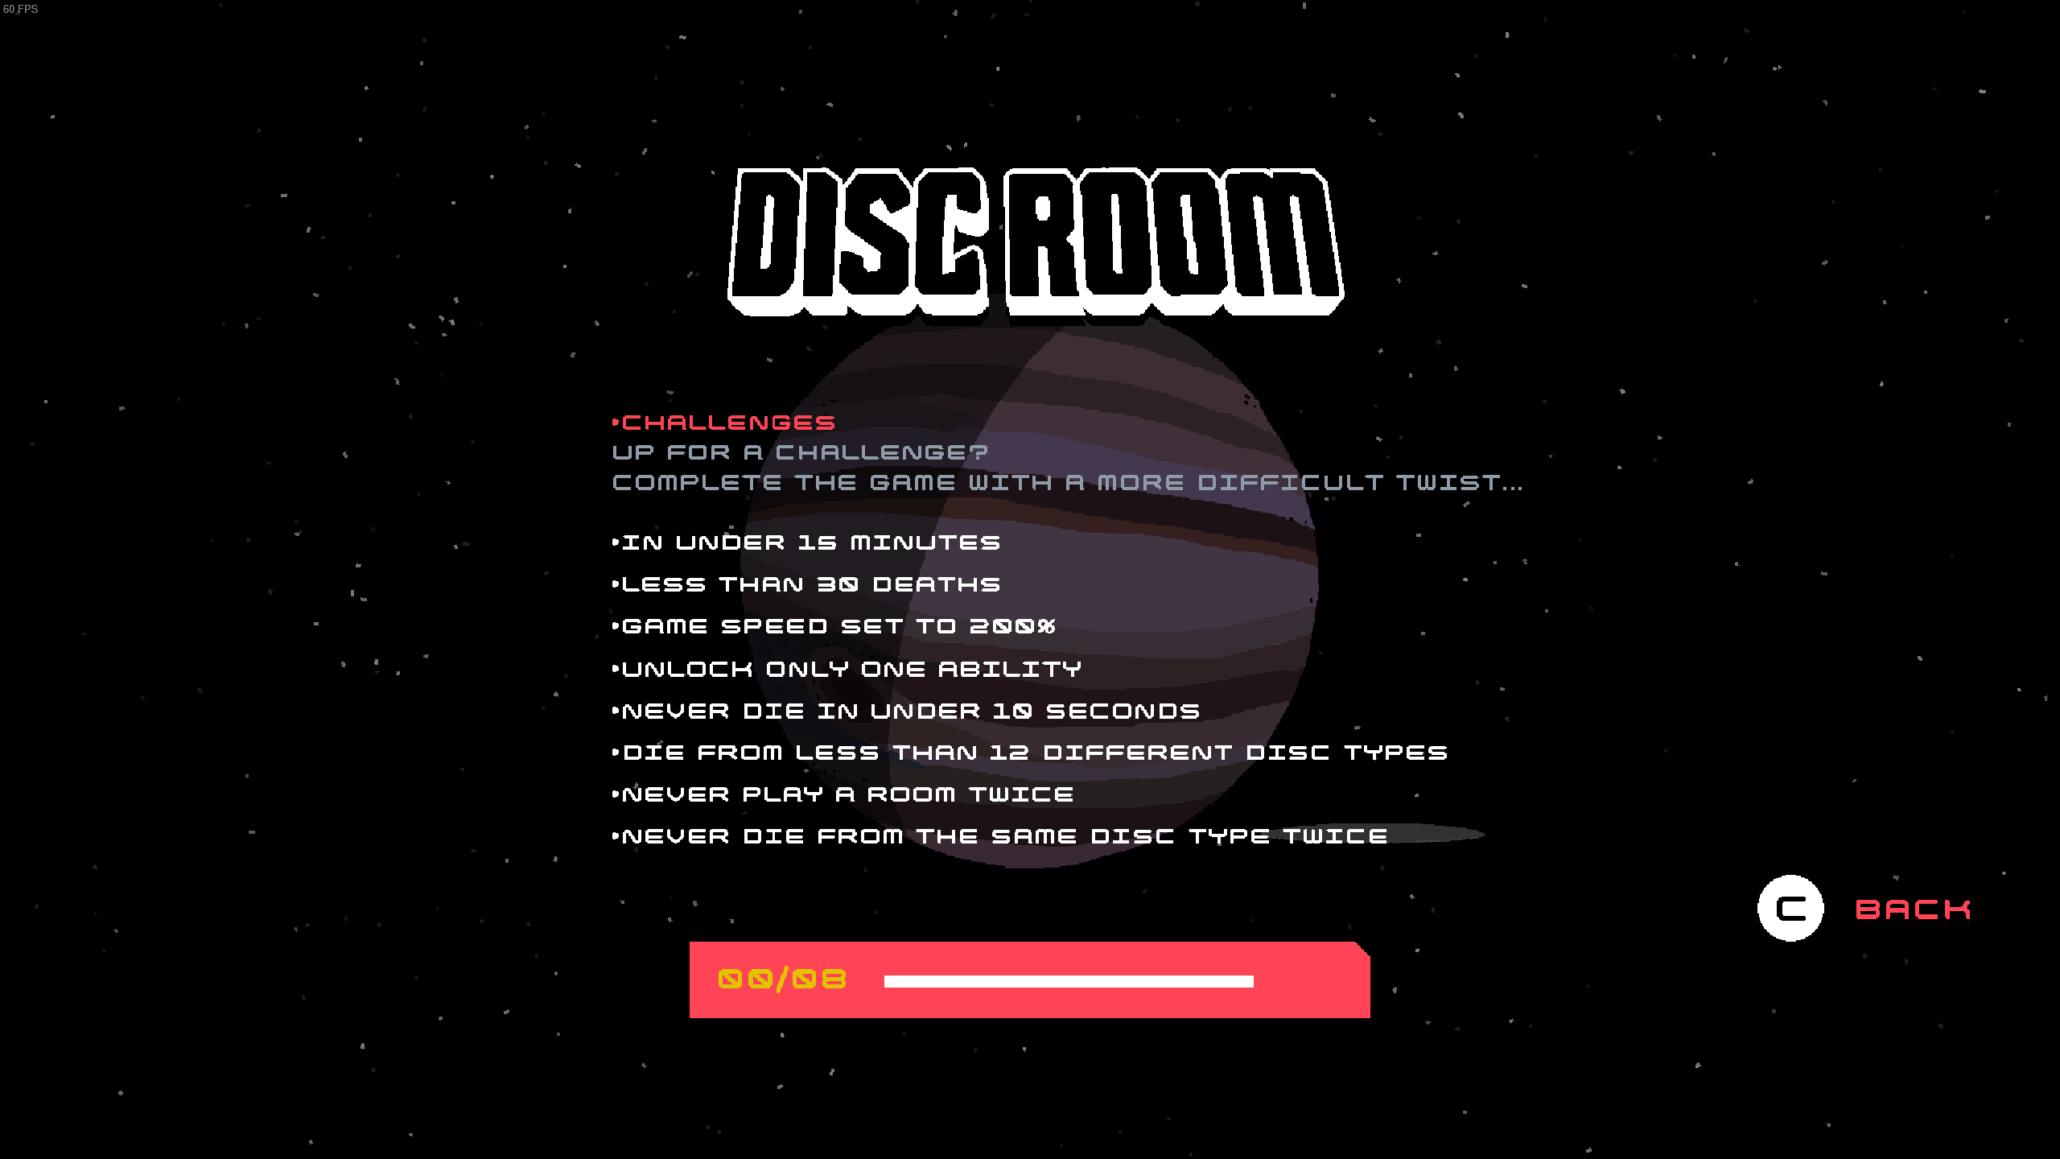 disc-room-challenges